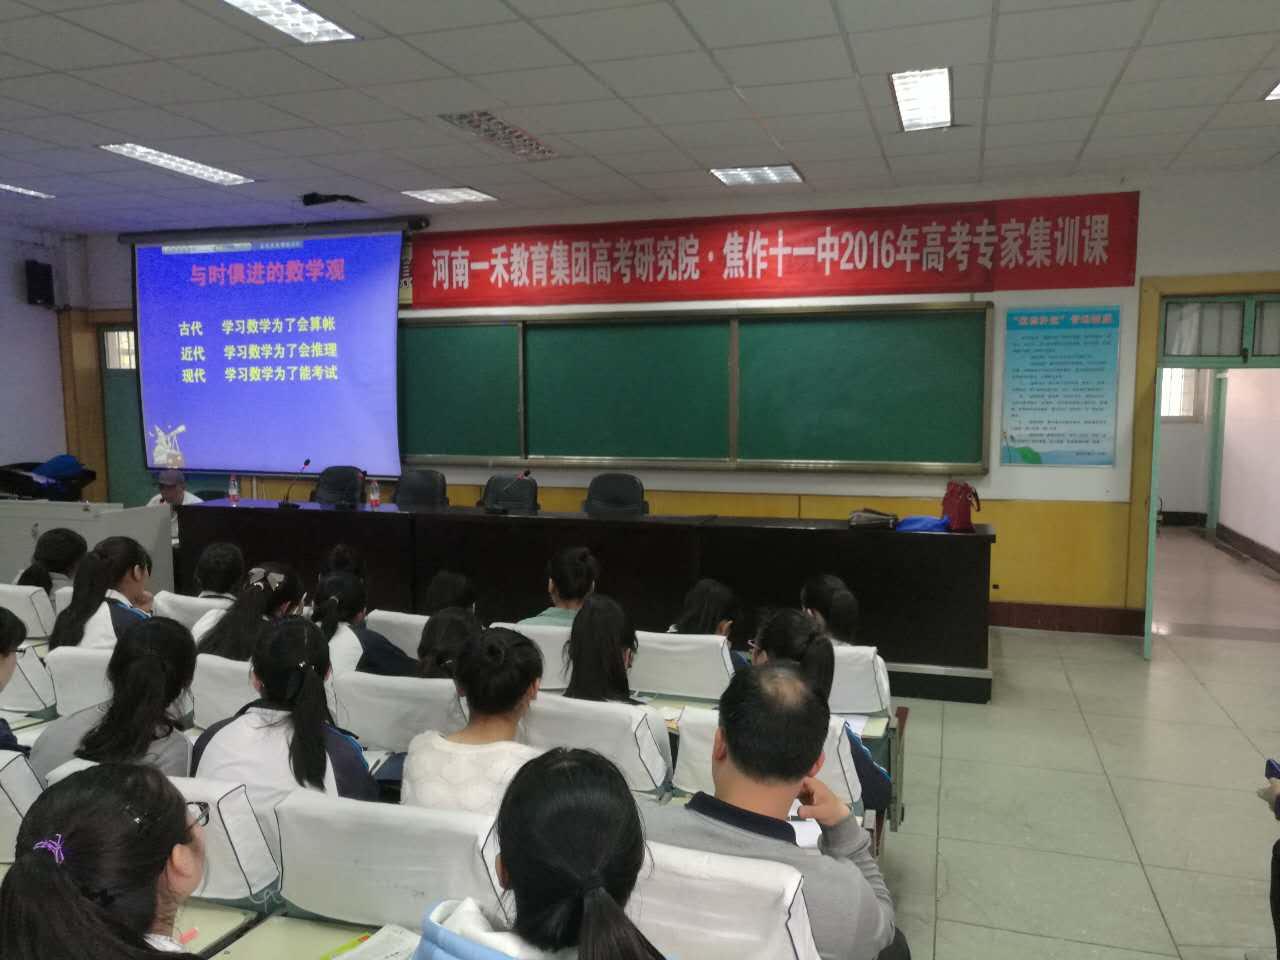 河南必威官方网页必威中国网站集团2016年4月在焦作十一中举办高考专家集训课